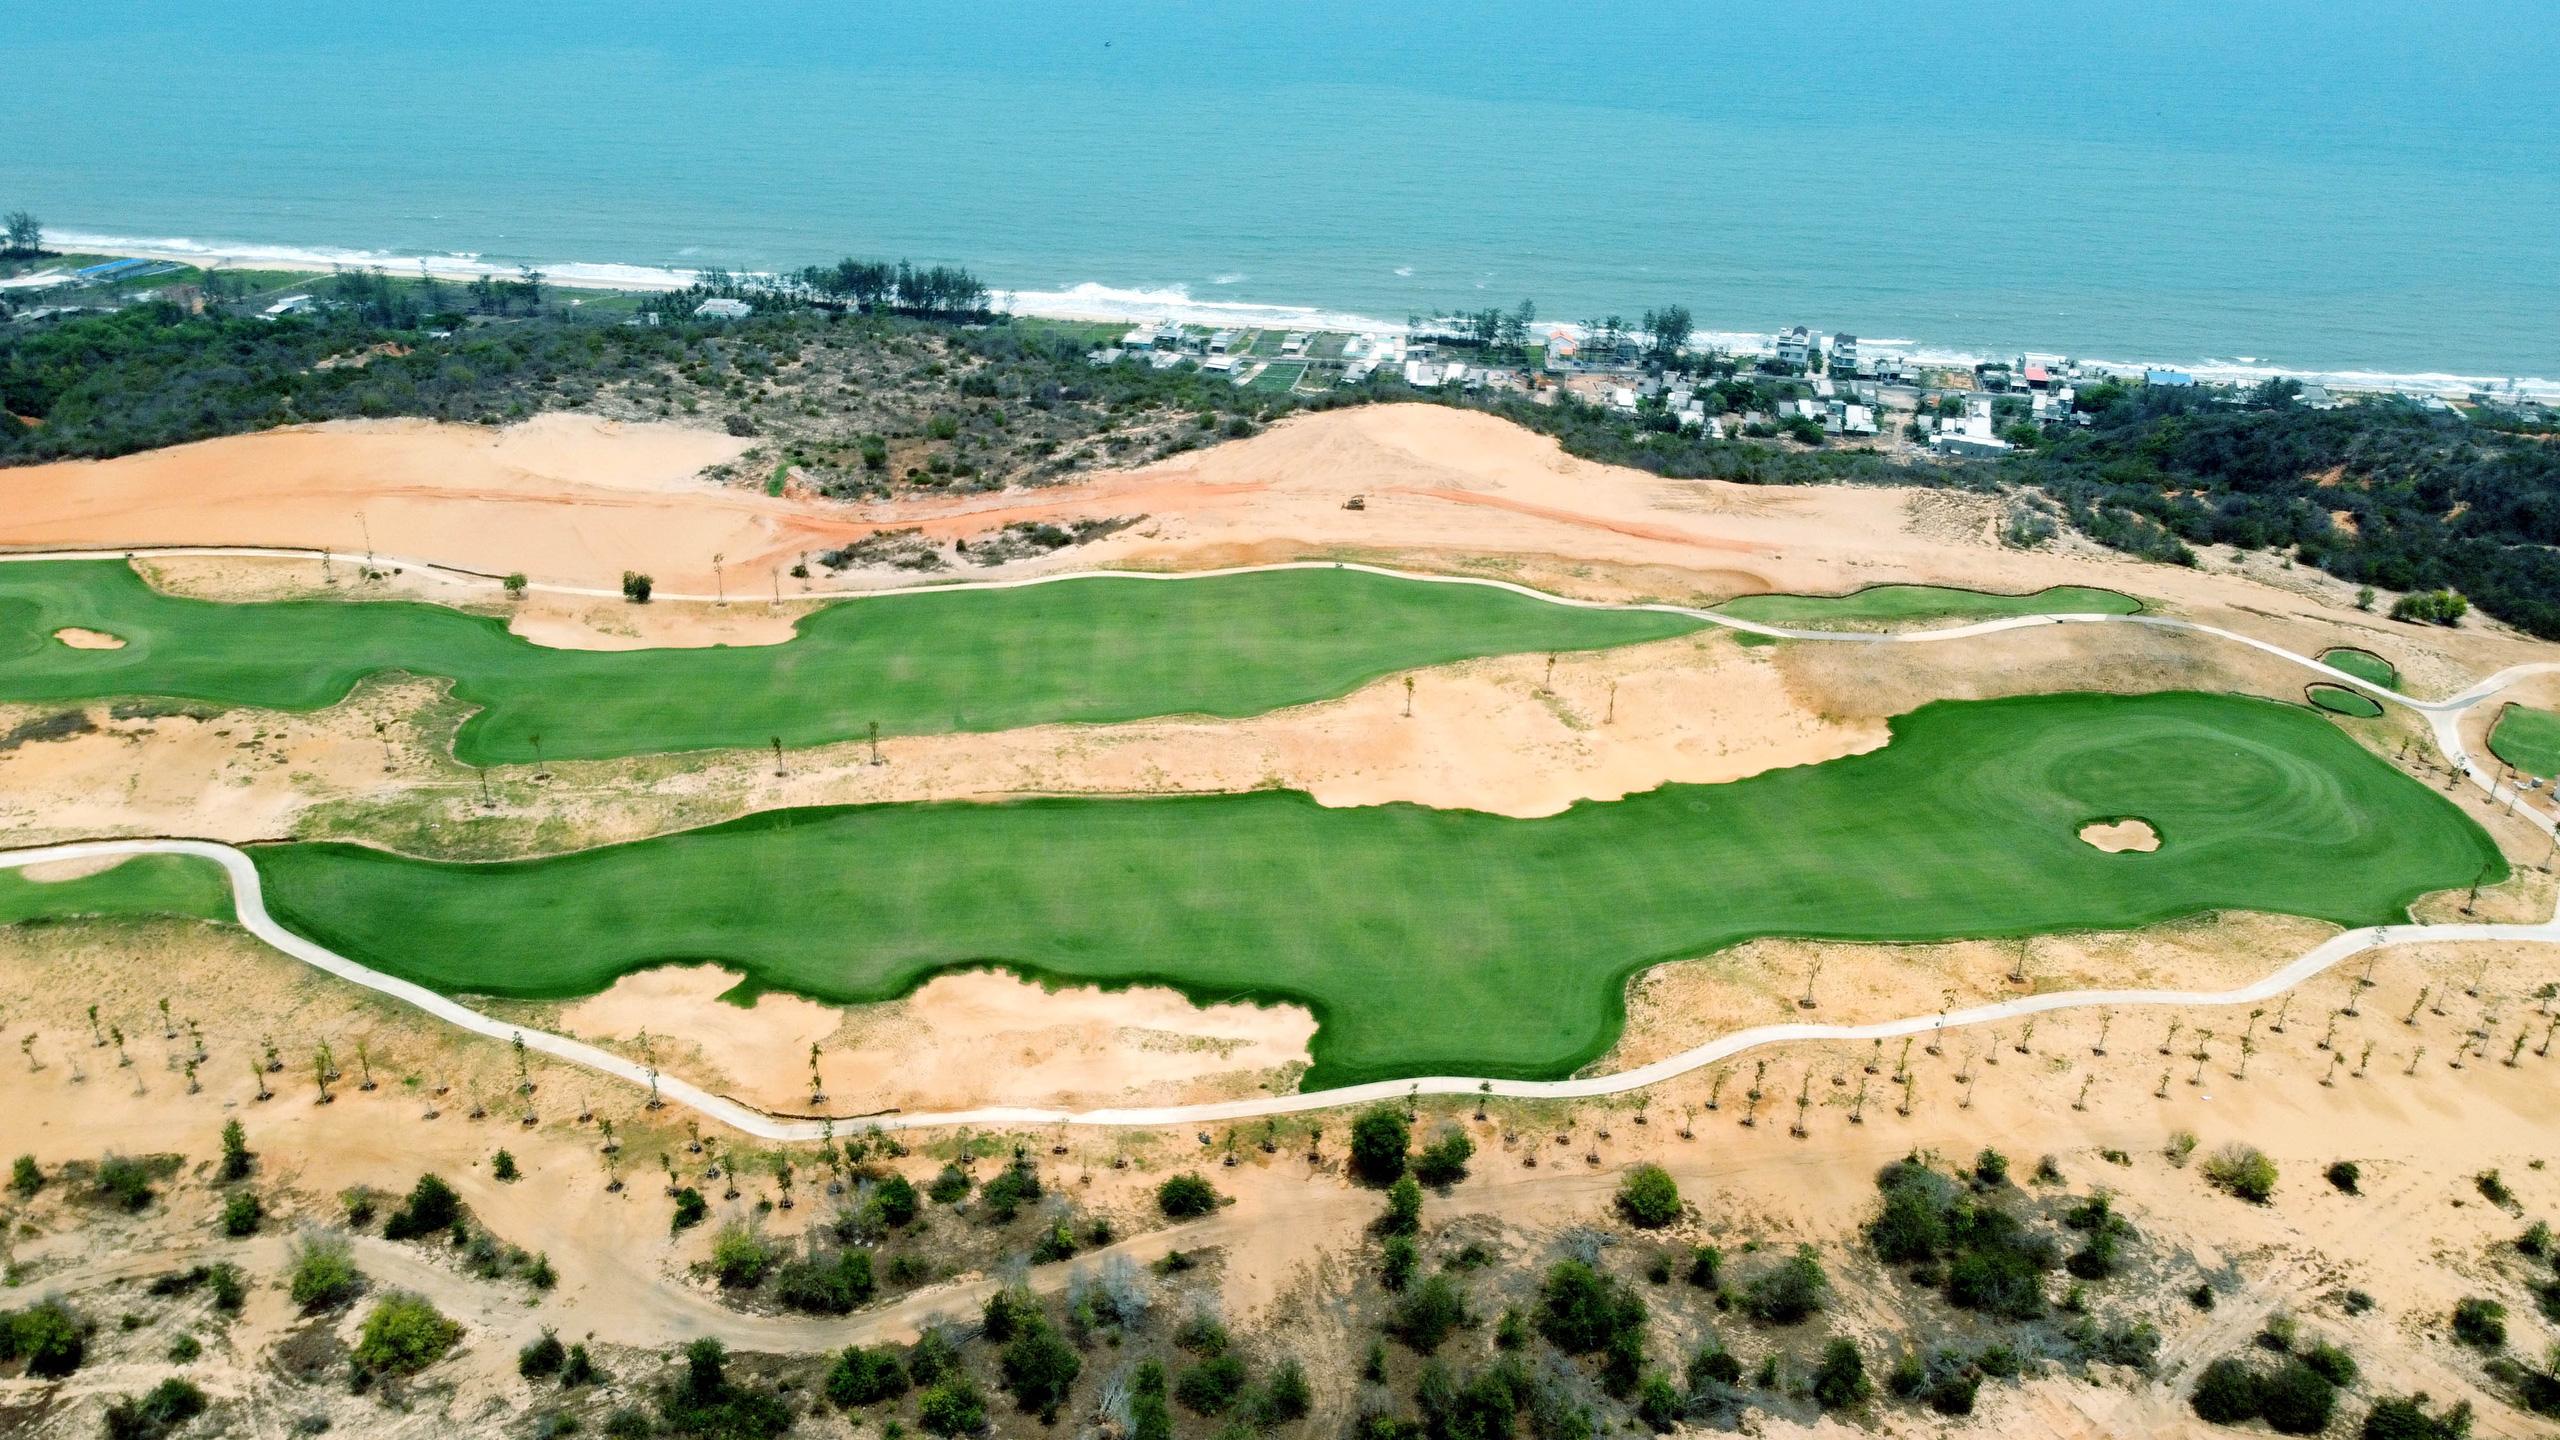 Cận cảnh sân golf tiêu chuẩn PGA tại Novaworld Phan Thiet trước ngày khai trương - Ảnh 4.